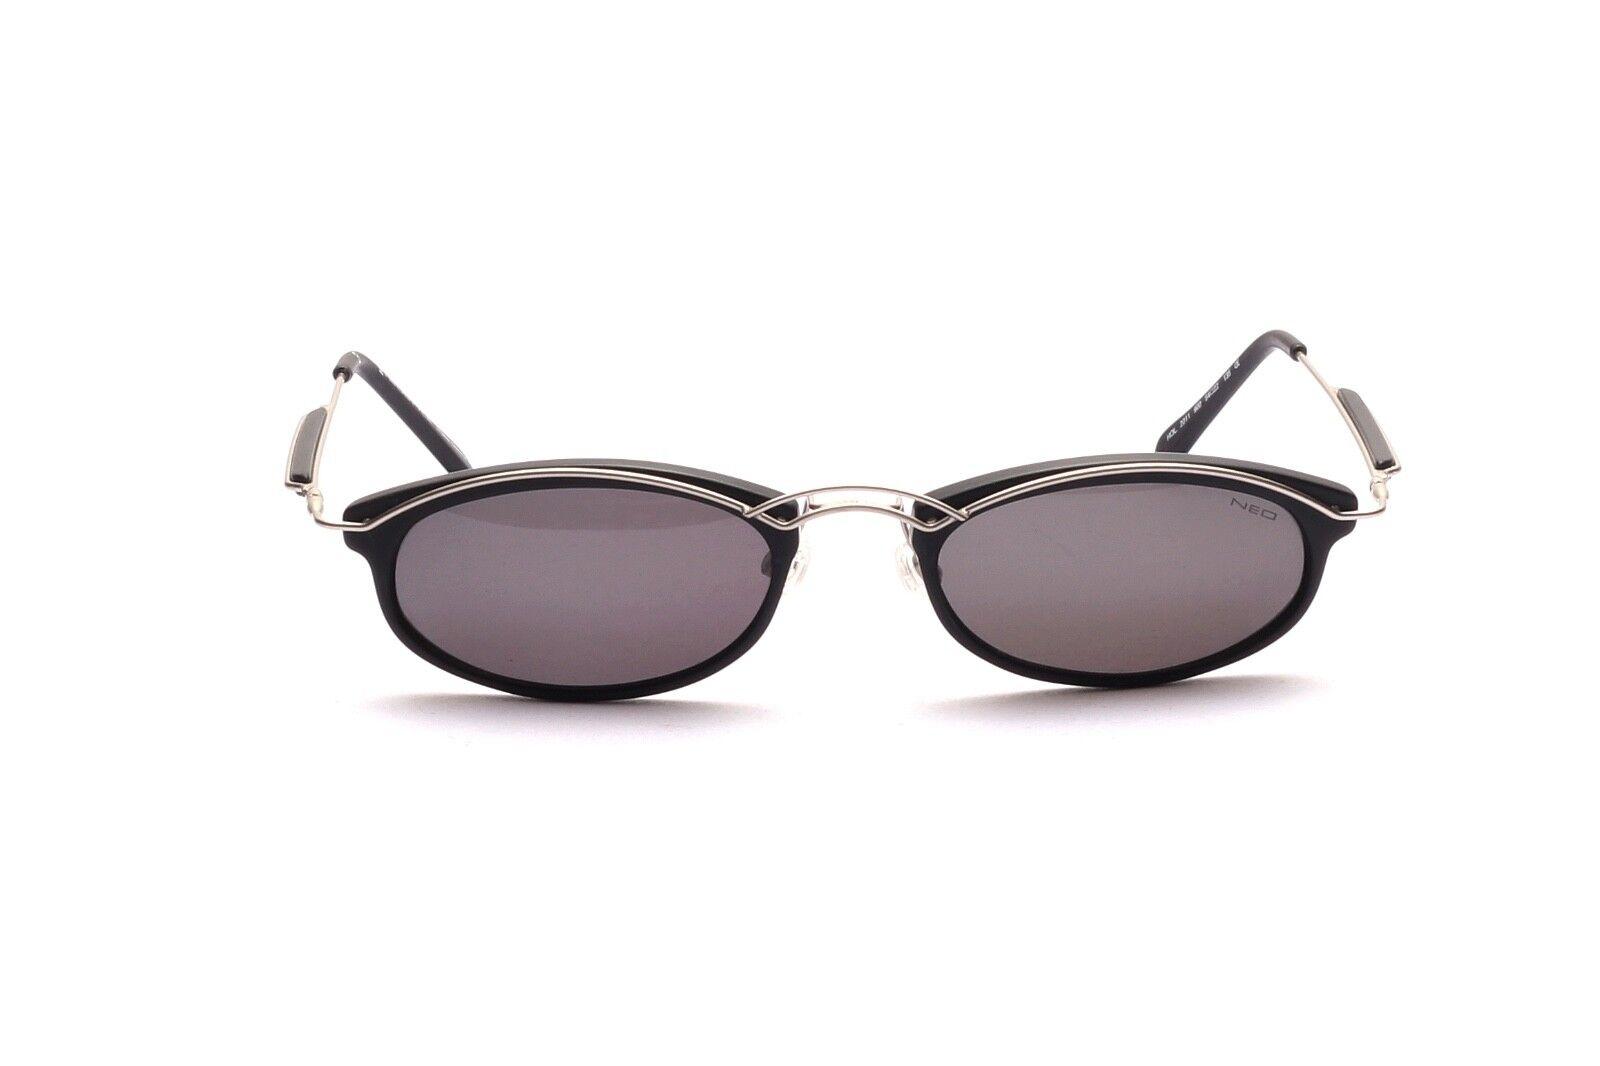 Schwarze Sonnenbrille von NEOSTYLE, Mod. HOL 2011 Made Made Made in Germany 54-22mm D5  | Bestellungen Sind Willkommen  6be2b3